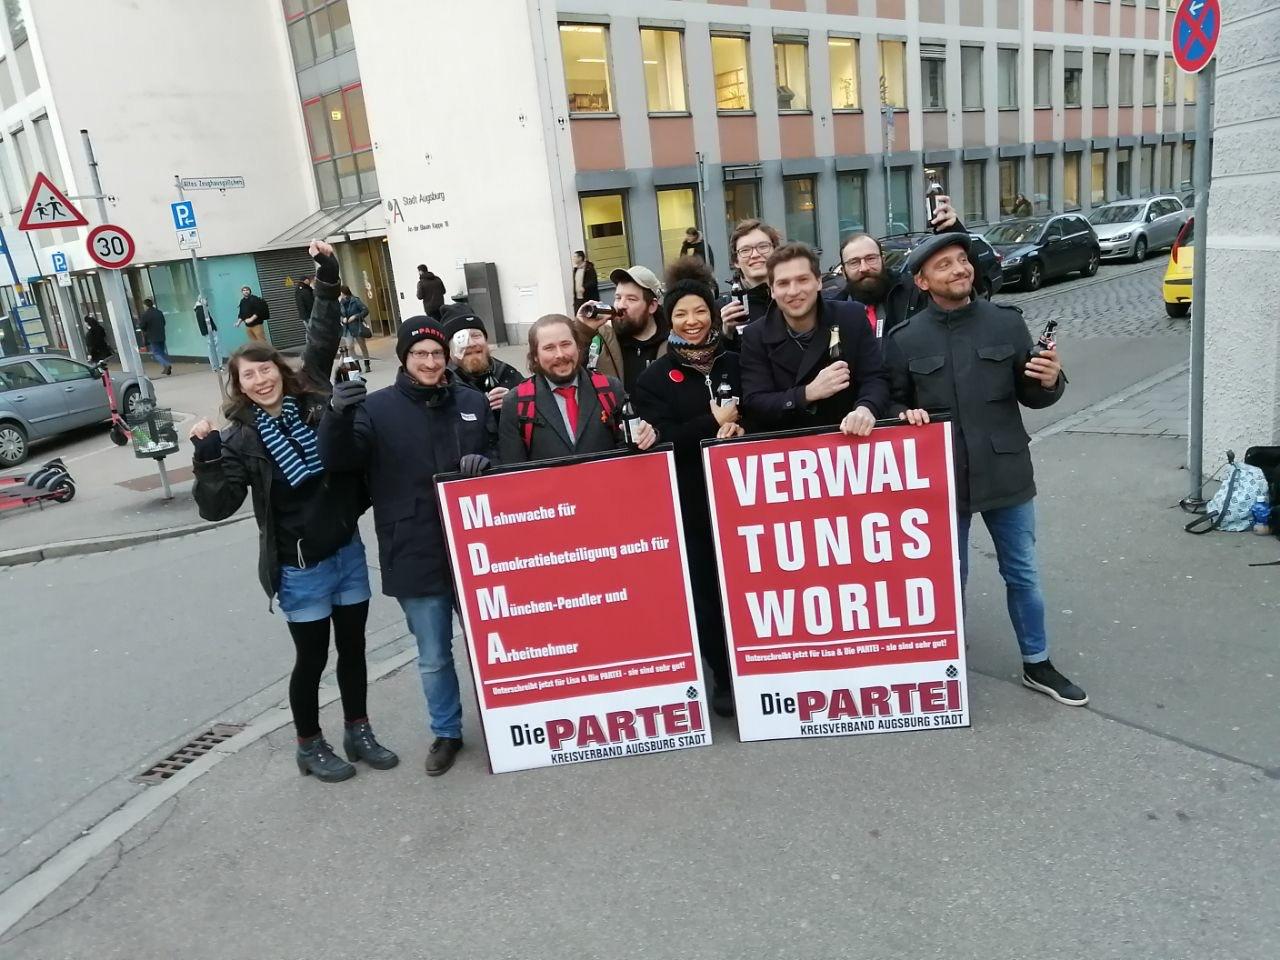 Pressemitteilung: Die PARTEI tritt bei der Kommunalwahl 2020 in Augsburg an